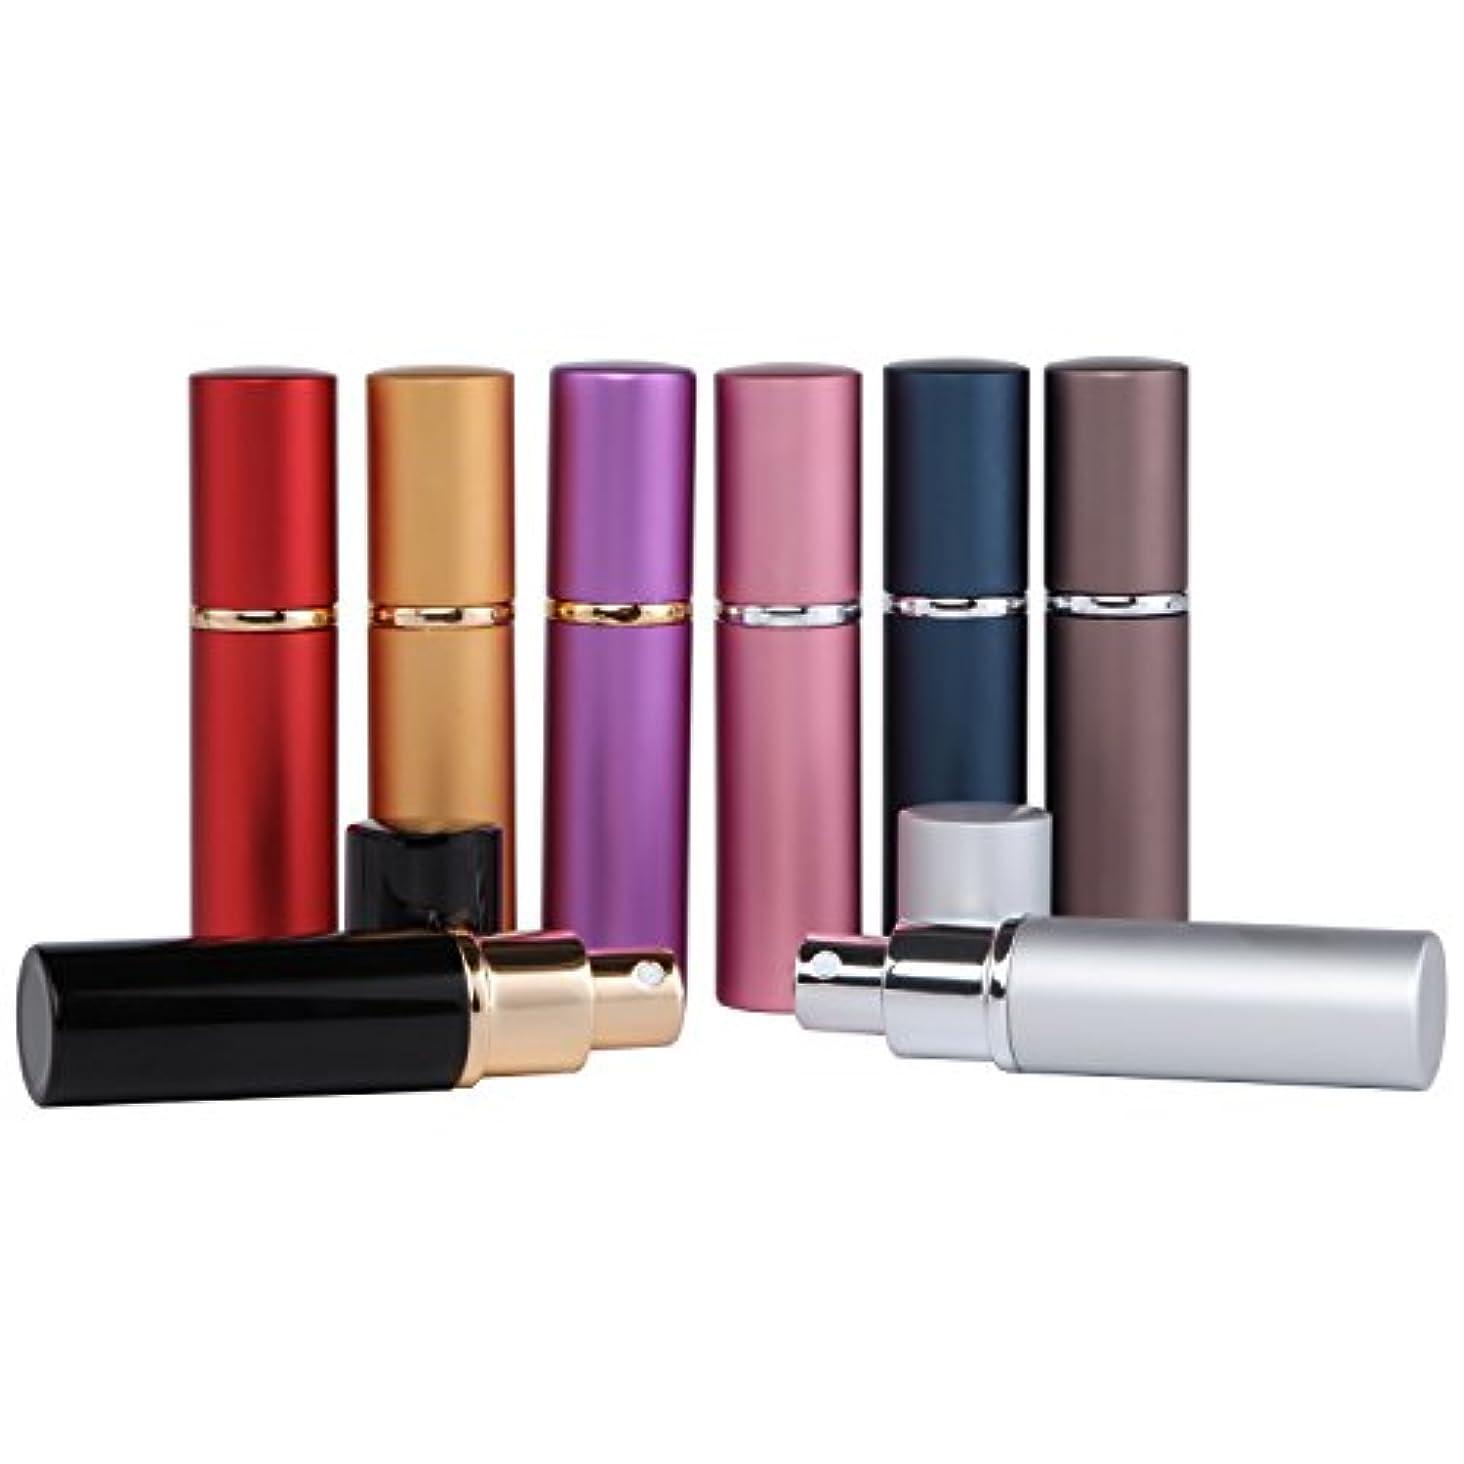 アトマイザー 香水 携帯 詰め替え ボトル 香水スプレー ポータブル 香水噴霧器 小分けボトル プッシュ式 通勤 旅行 ミニ 10mL 8色セット